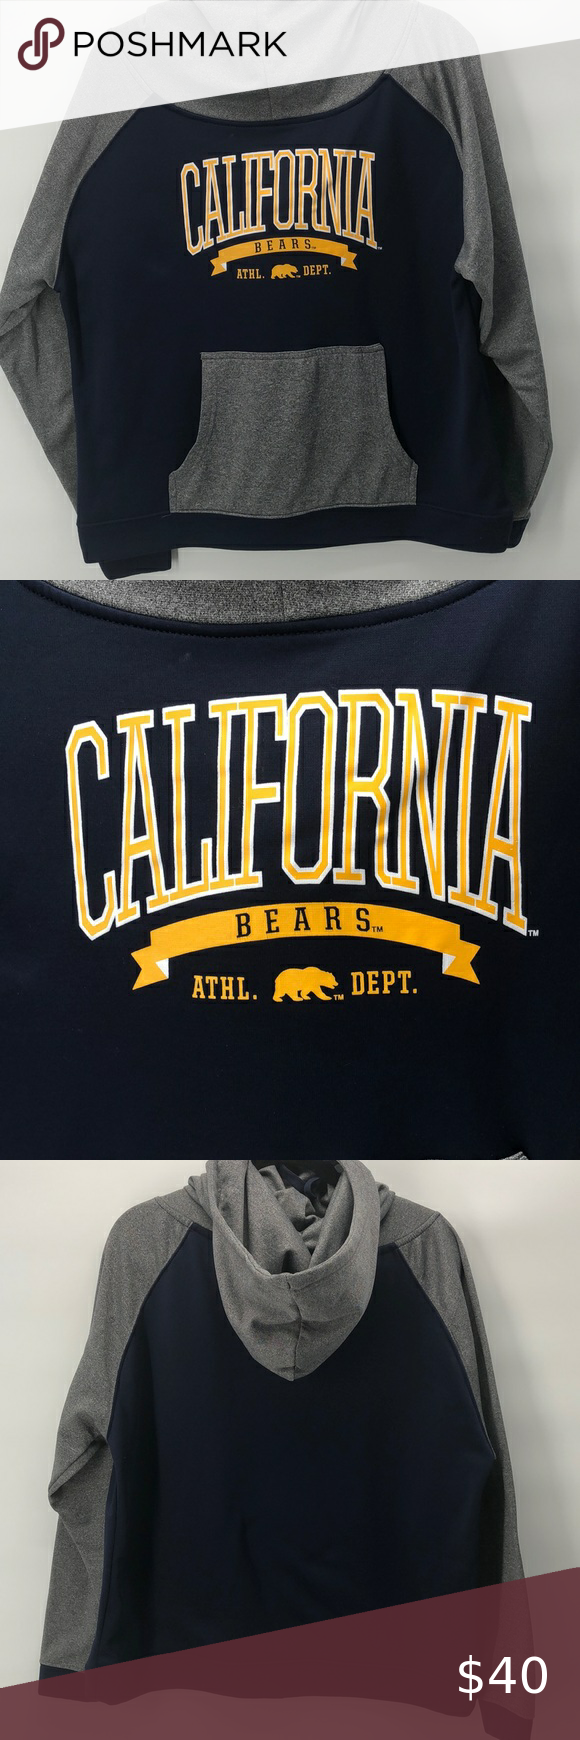 Champion California Berkeley Hoodie Sweatshirt Gray And Blue California Berkeley Hoodie Sweatshirt Oversize Sl Sweatshirts Sweatshirts Hoodie Sweatshirt Tops [ 1740 x 580 Pixel ]